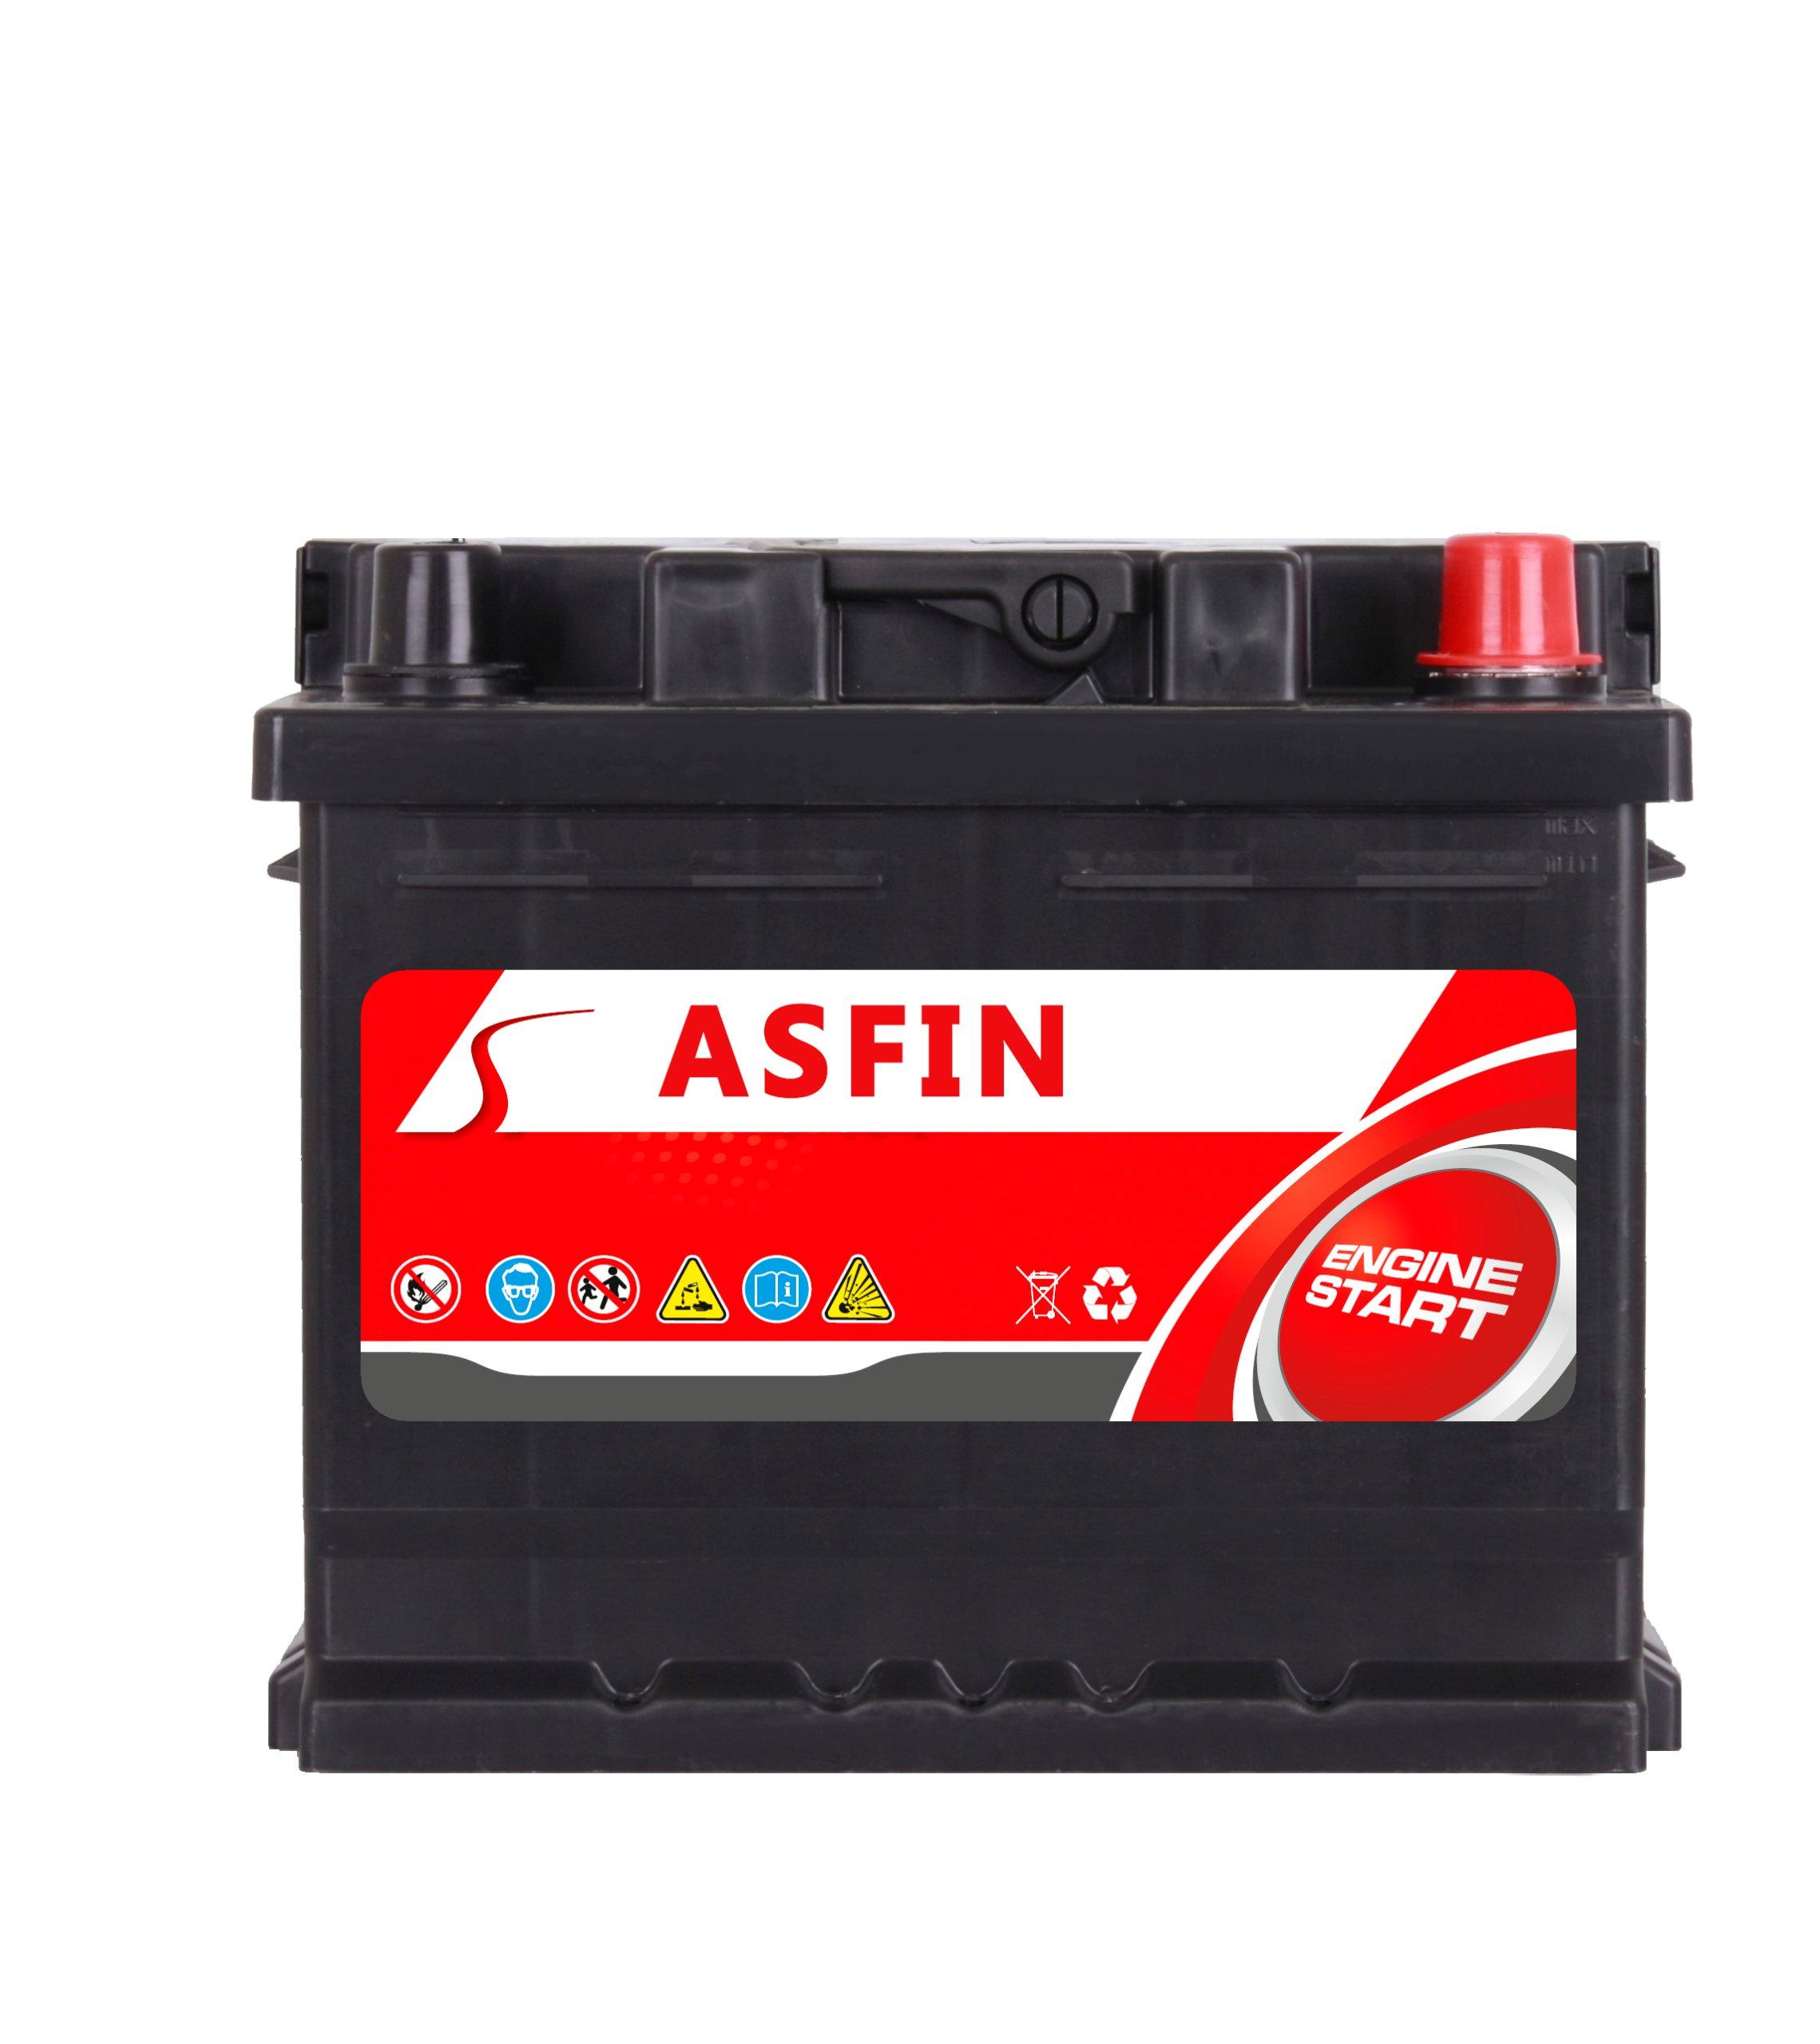 аккумулятор asfin 12v 44ah 380a en возможность